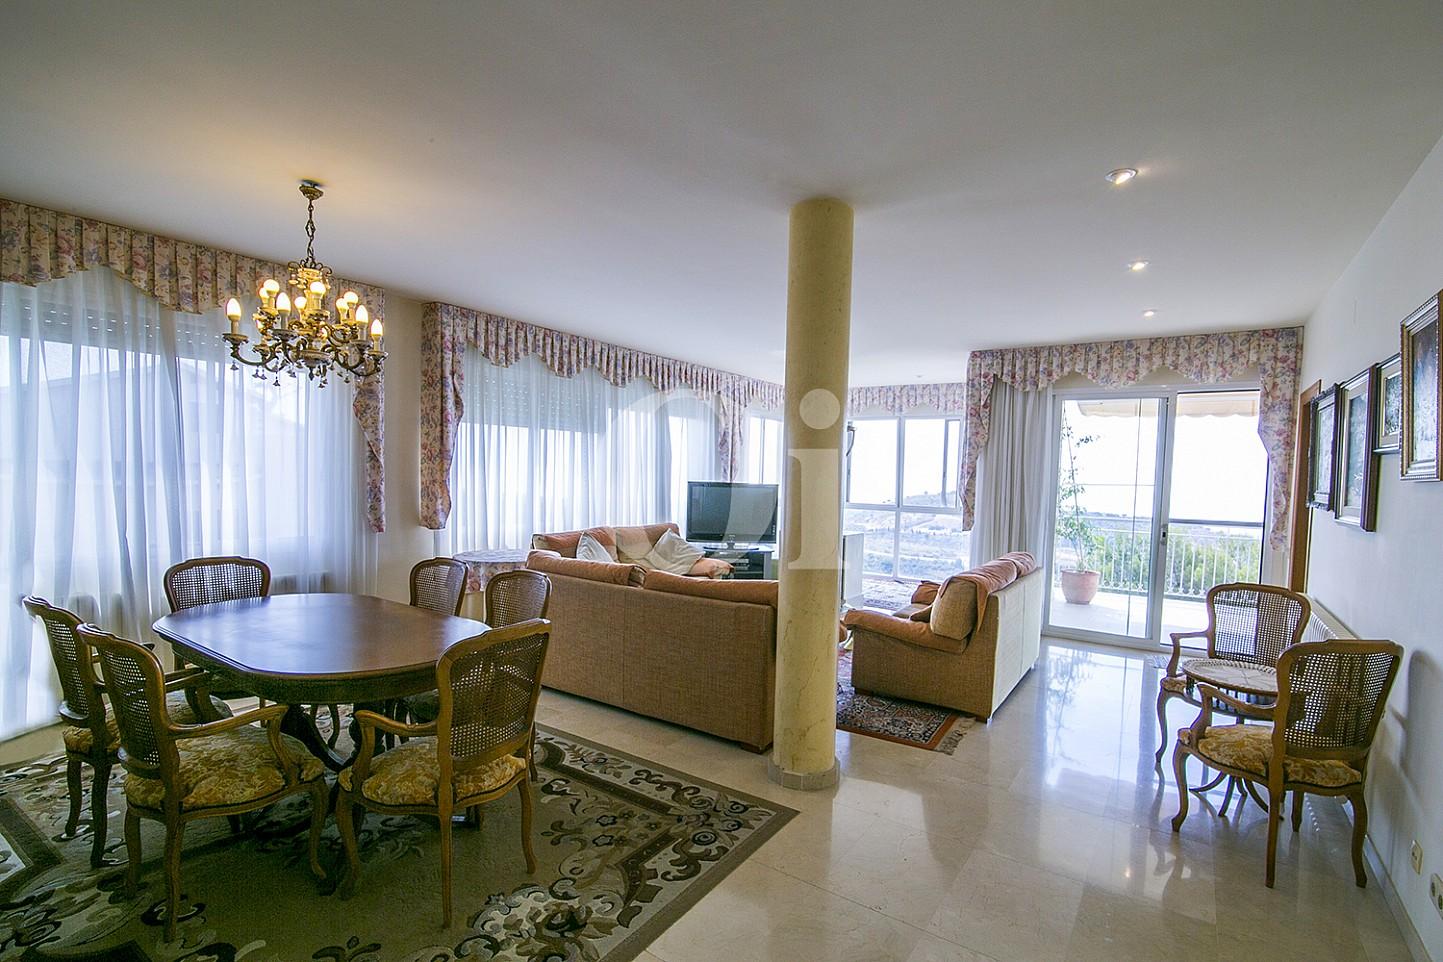 Столовая с огромными окнами эксклюзивного жилья на Mas Ram в Бадалоне